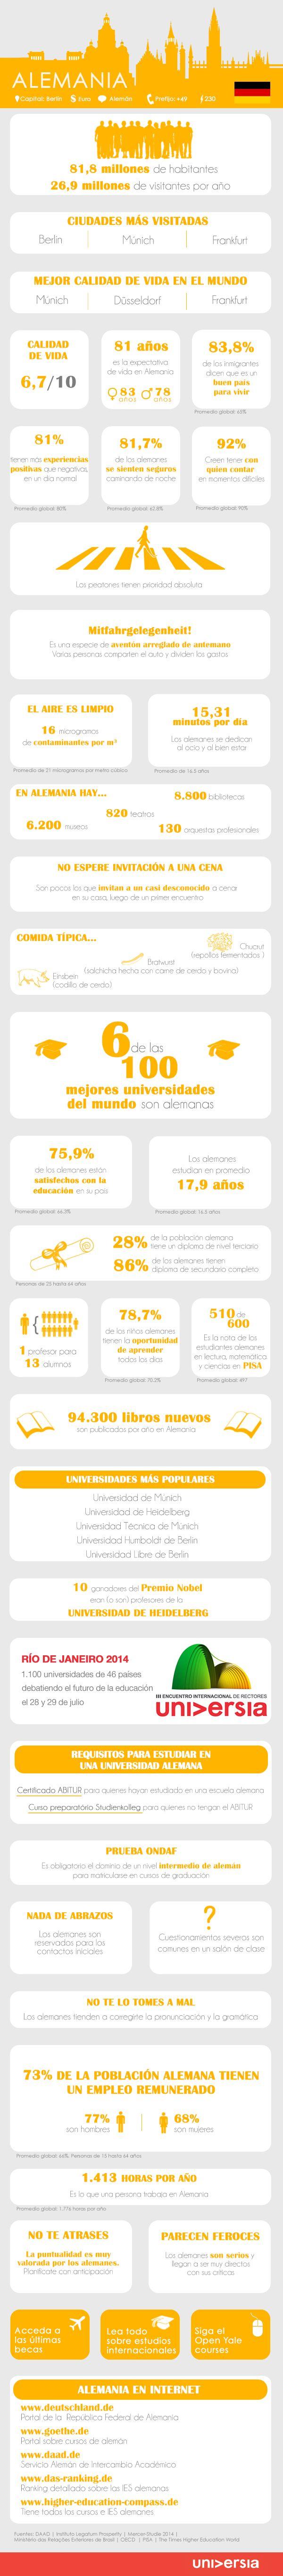 Infografía: más de 30 claves para estudiar y trabajar en Alemania vía: http://noticias.universia.es #infografia #infographic #empleo